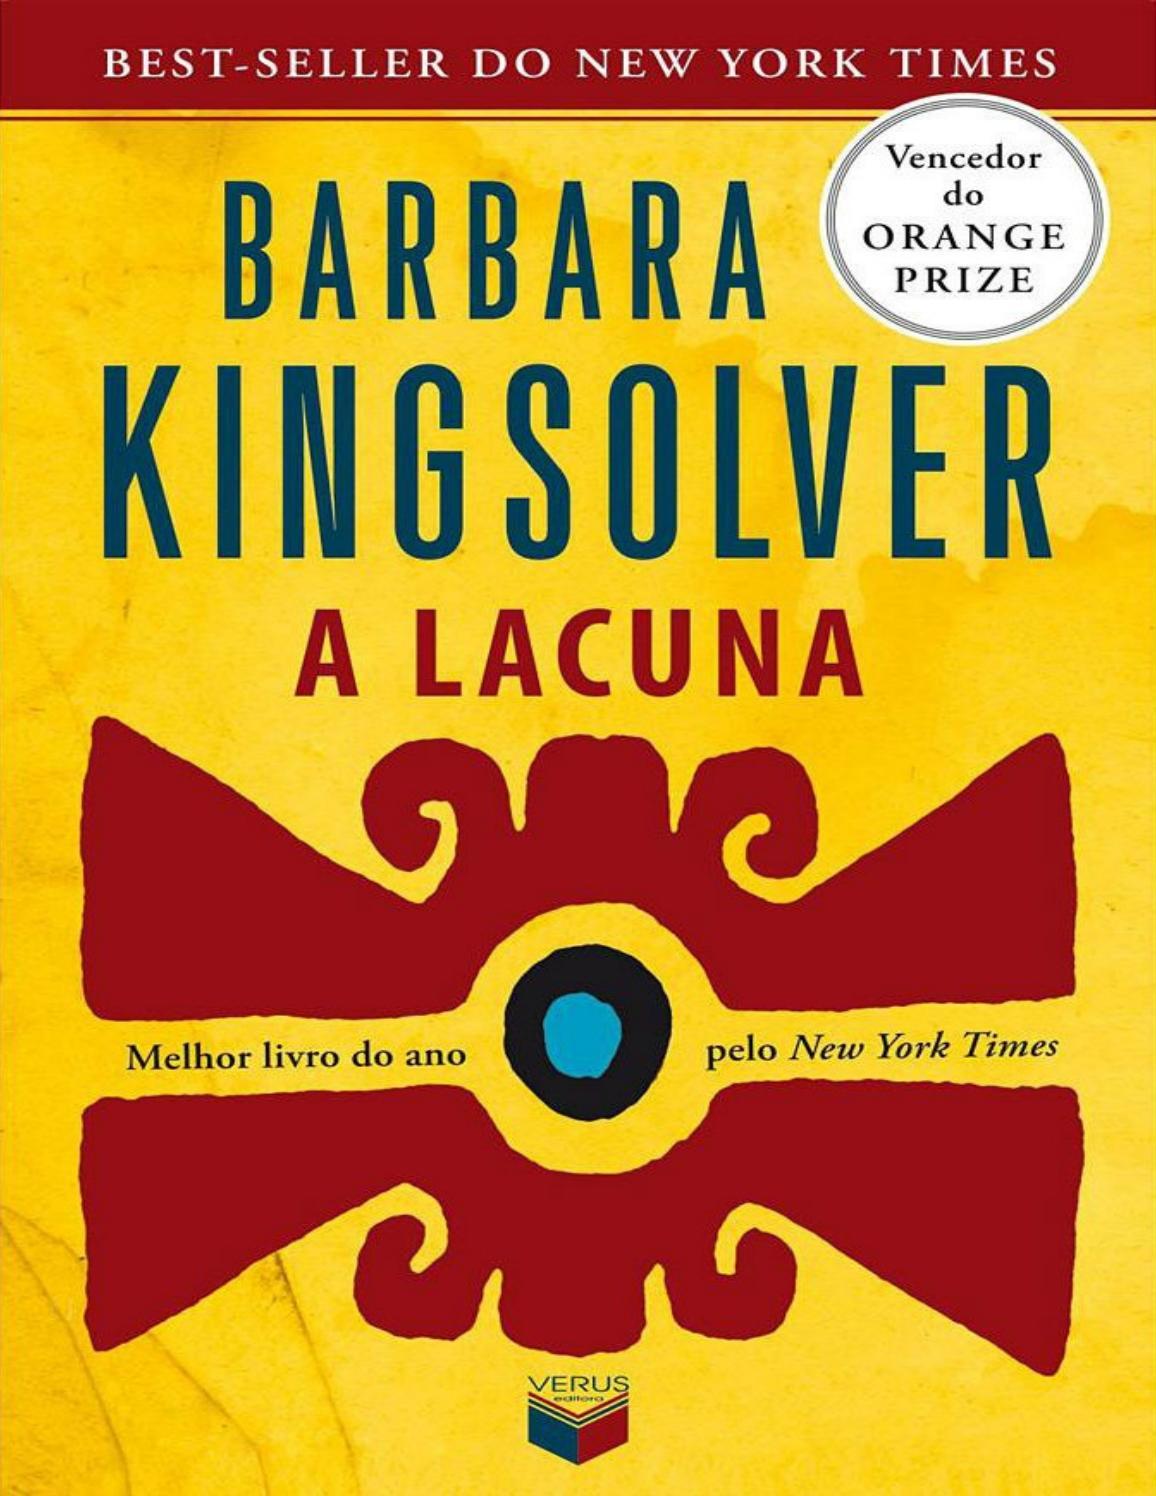 39a62ff5977 Barbara kingsolver a lacuna by Carla Scala - issuu